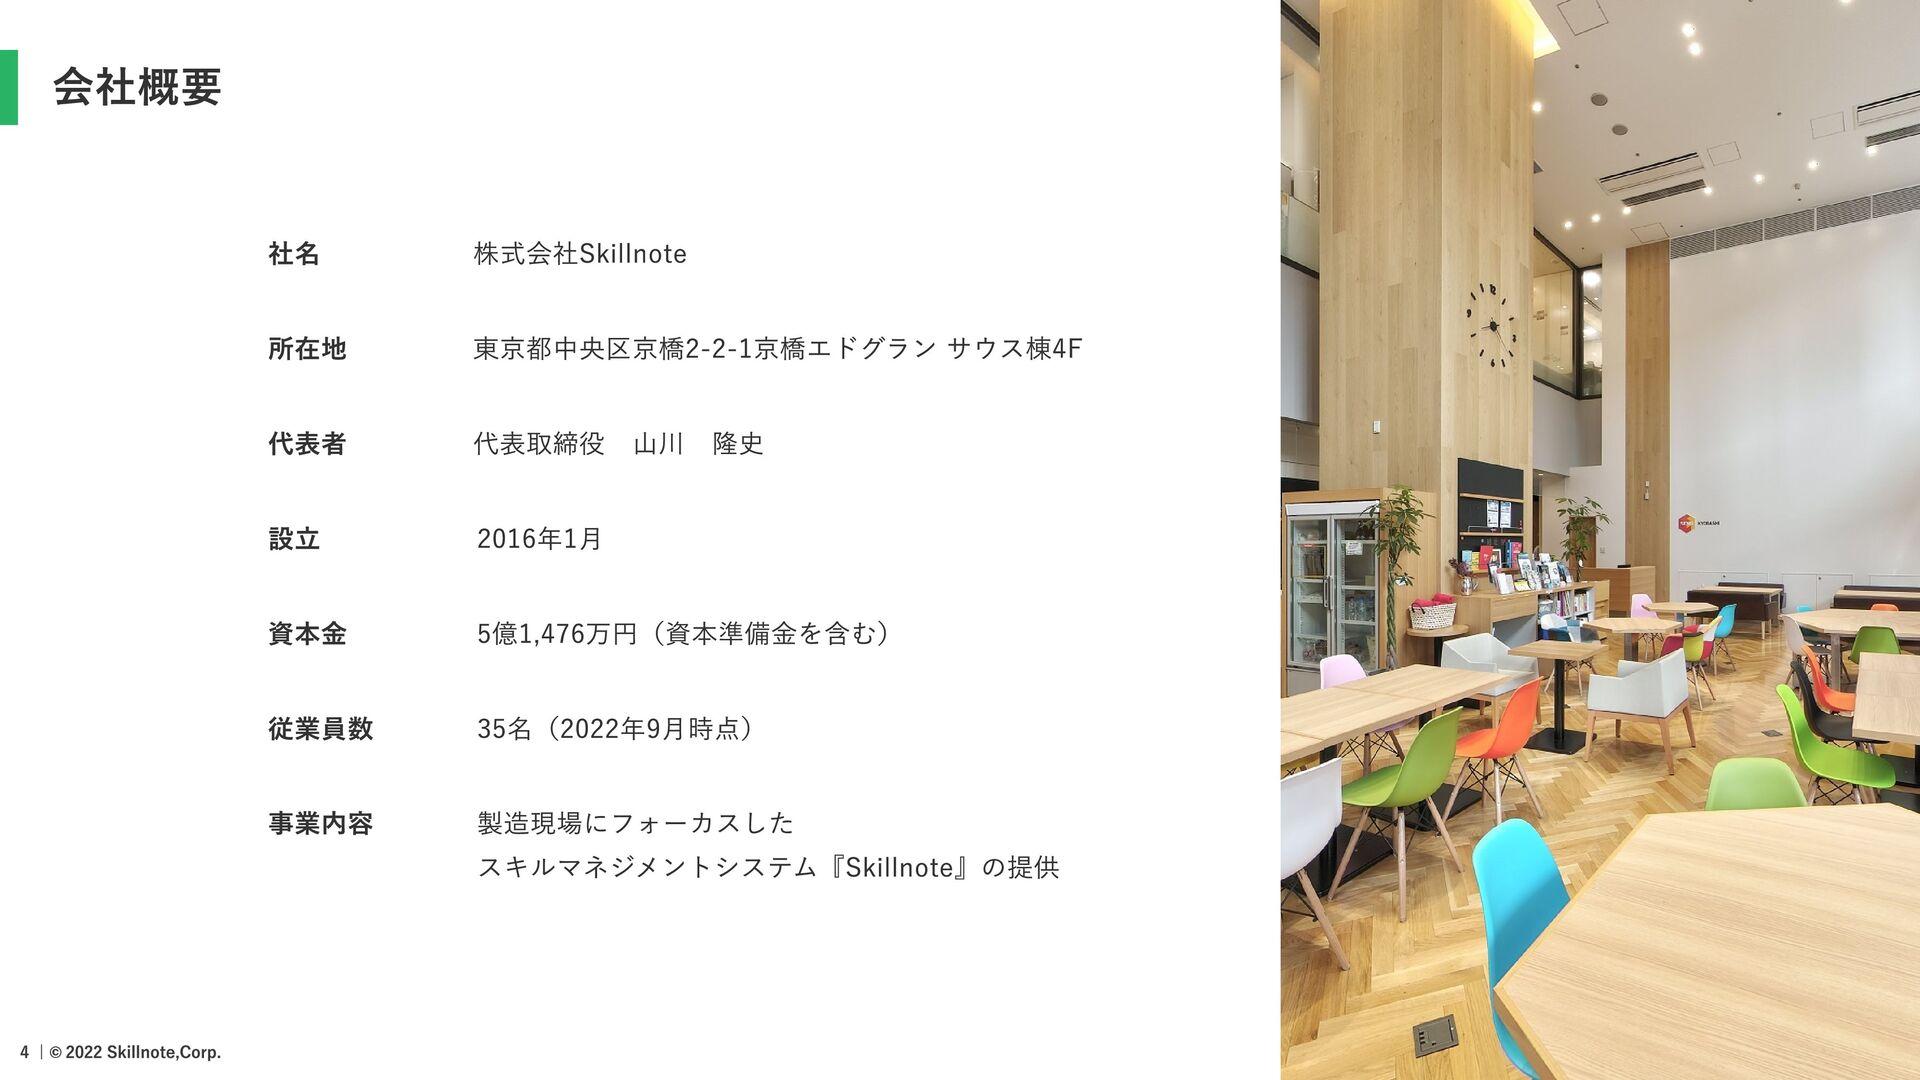 社名 株式会社Skillnote 東京都中央区京橋2-2-1京橋エドグラン サウス棟4F 代表...